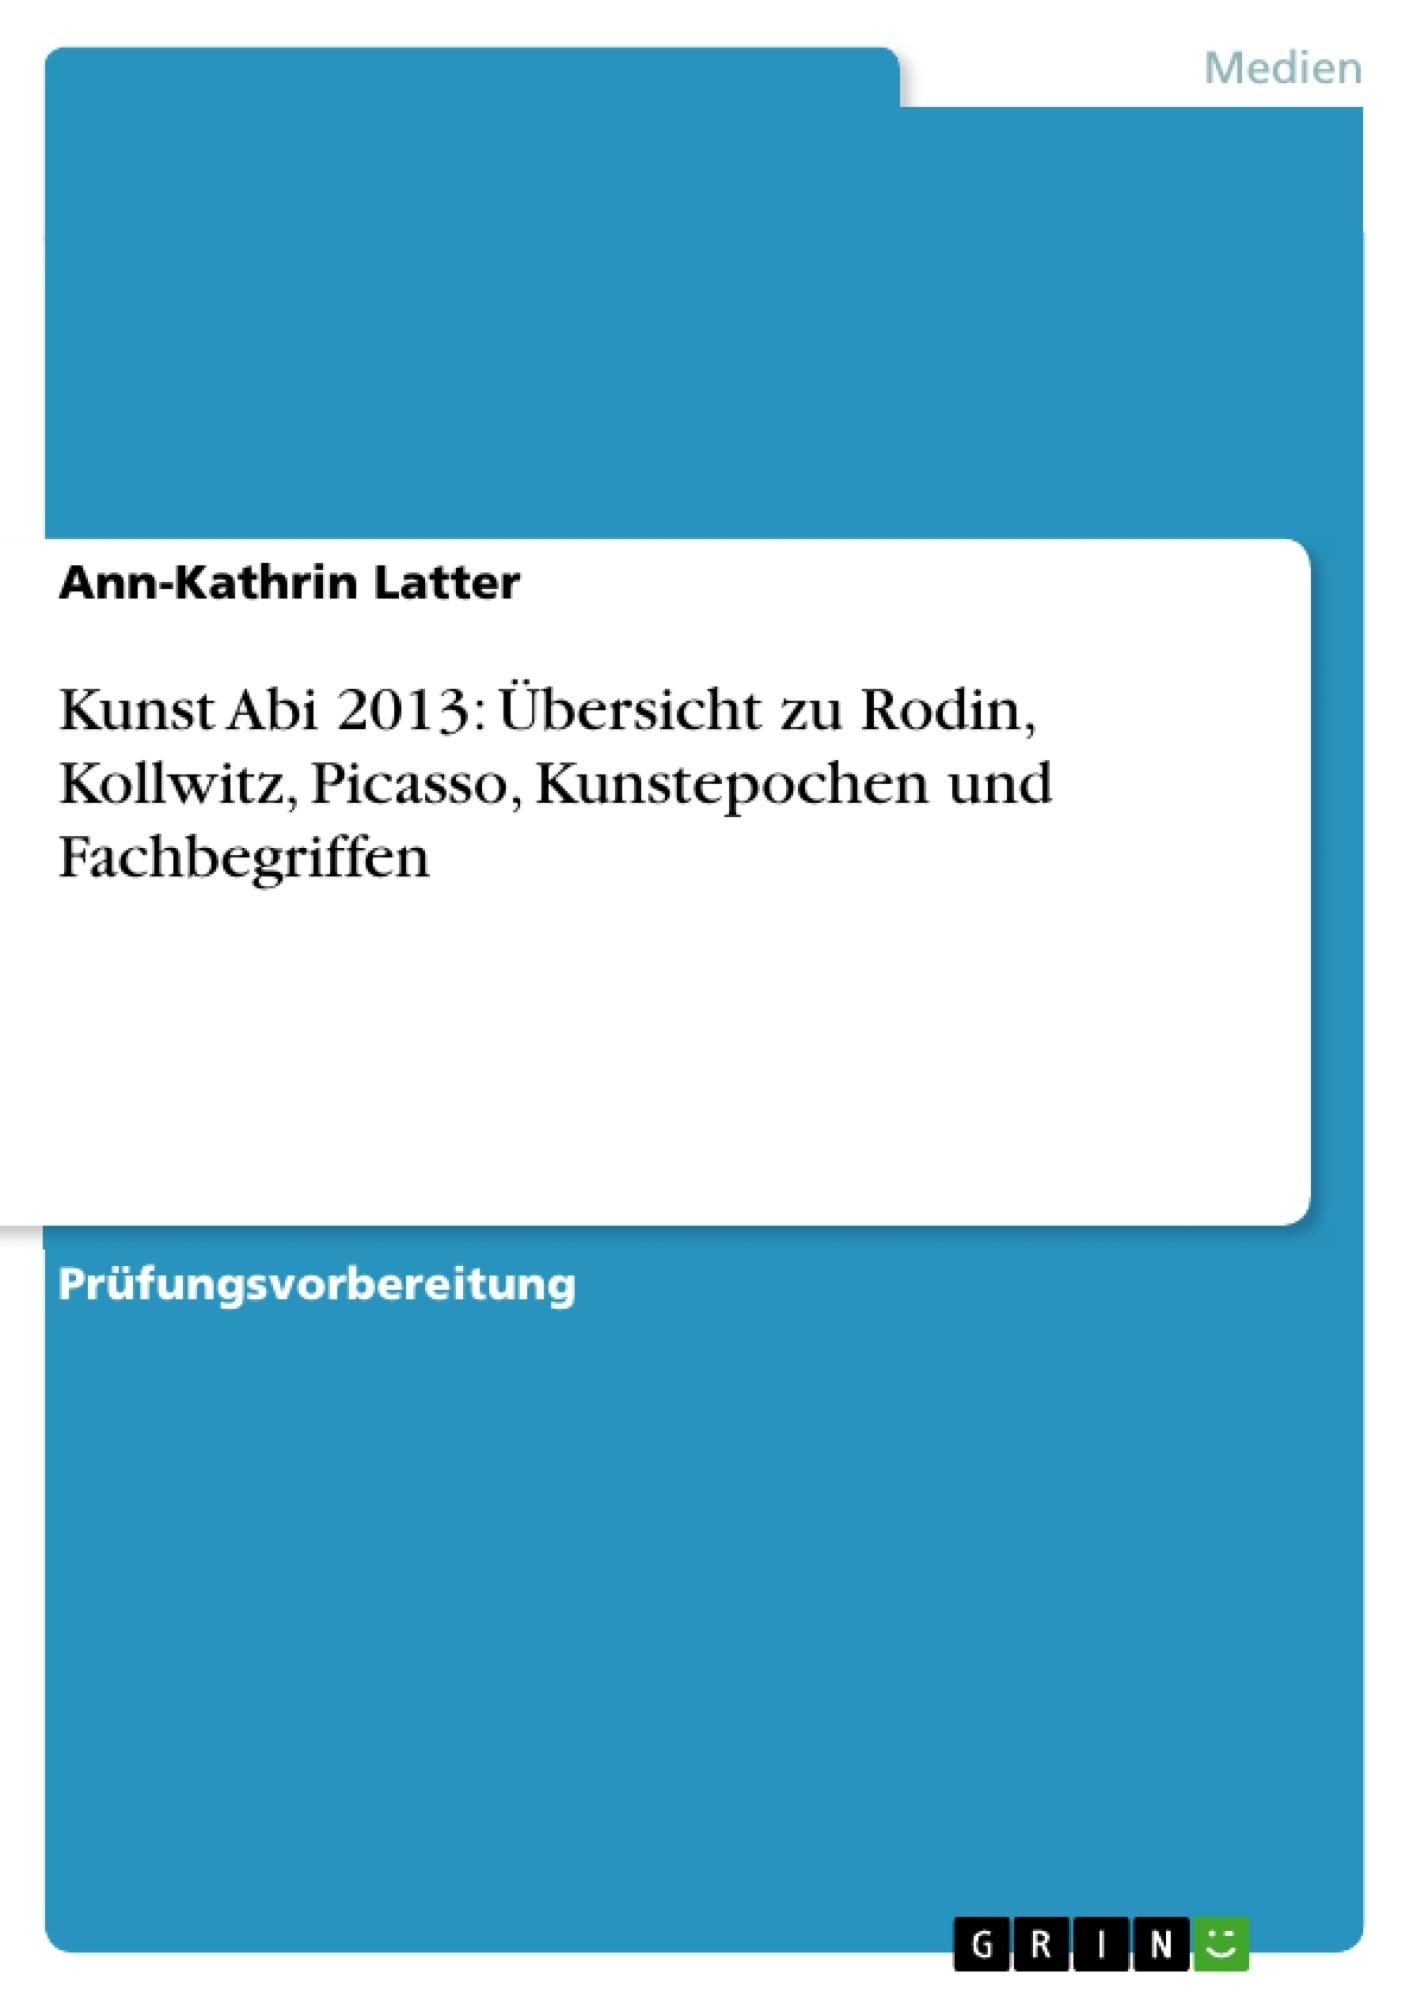 Titel: Kunst Abi 2013: Übersicht zu Rodin, Kollwitz, Picasso, Kunstepochen und Fachbegriffen